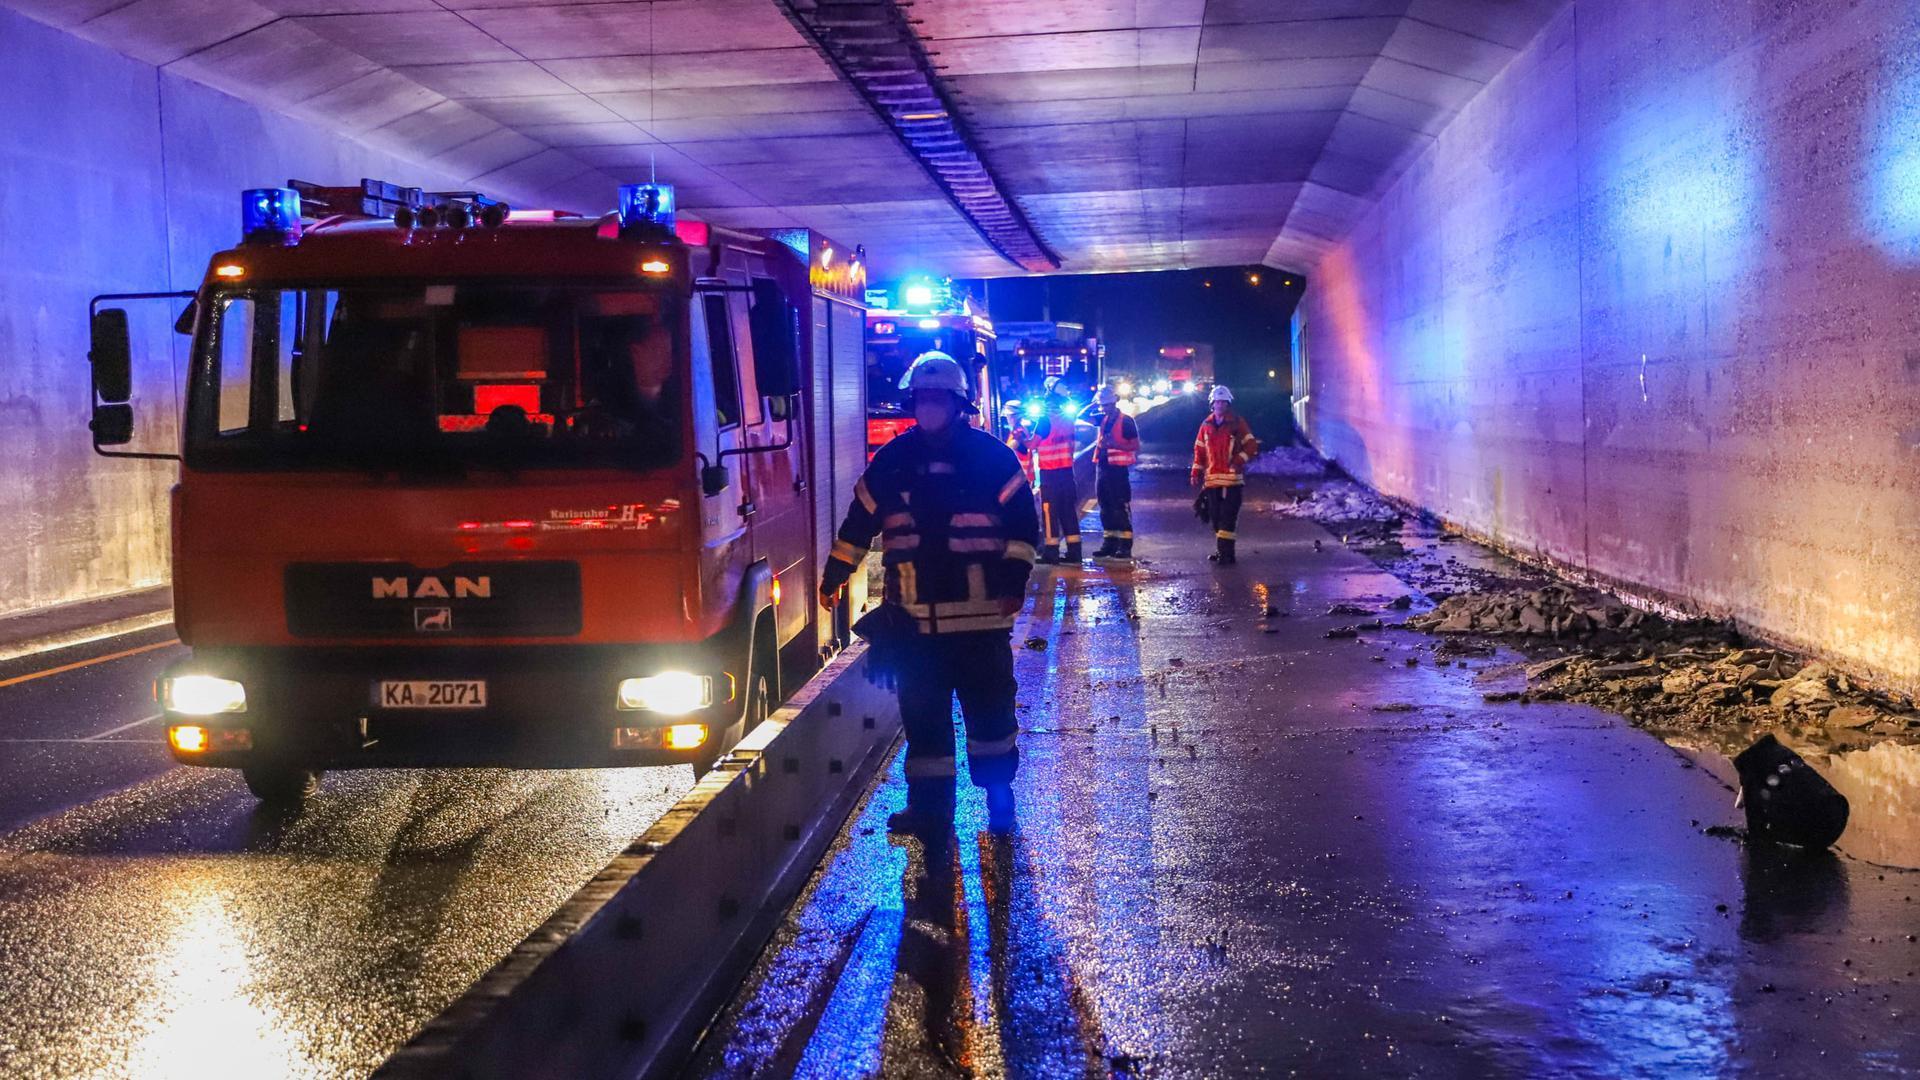 Feuerwehr, Tunnel, Baustelle, Regen, Überflutung